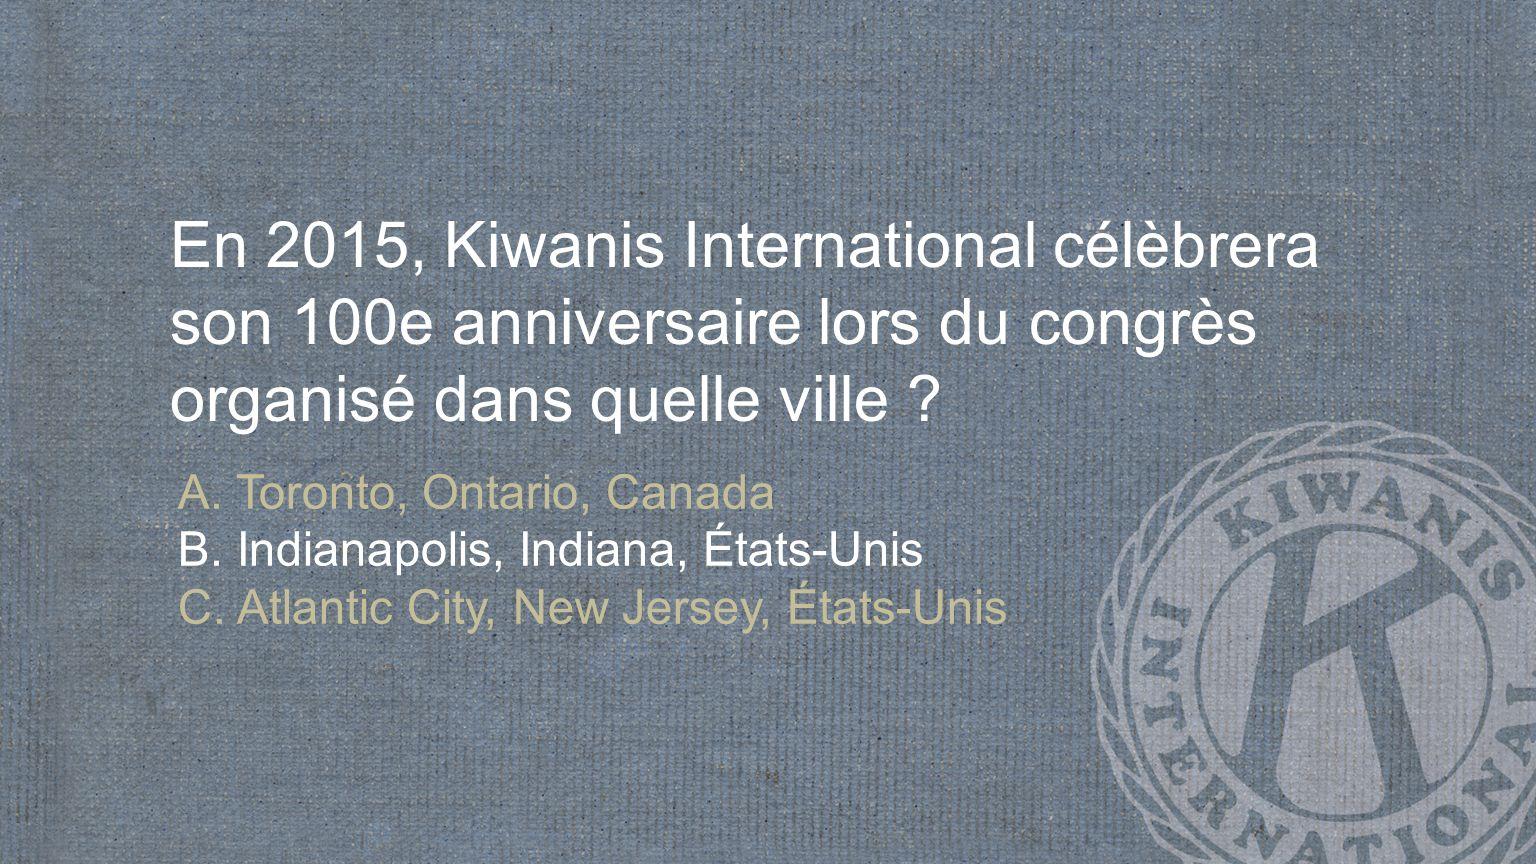 En 2015, Kiwanis International célèbrera son 100e anniversaire lors du congrès organisé dans quelle ville .